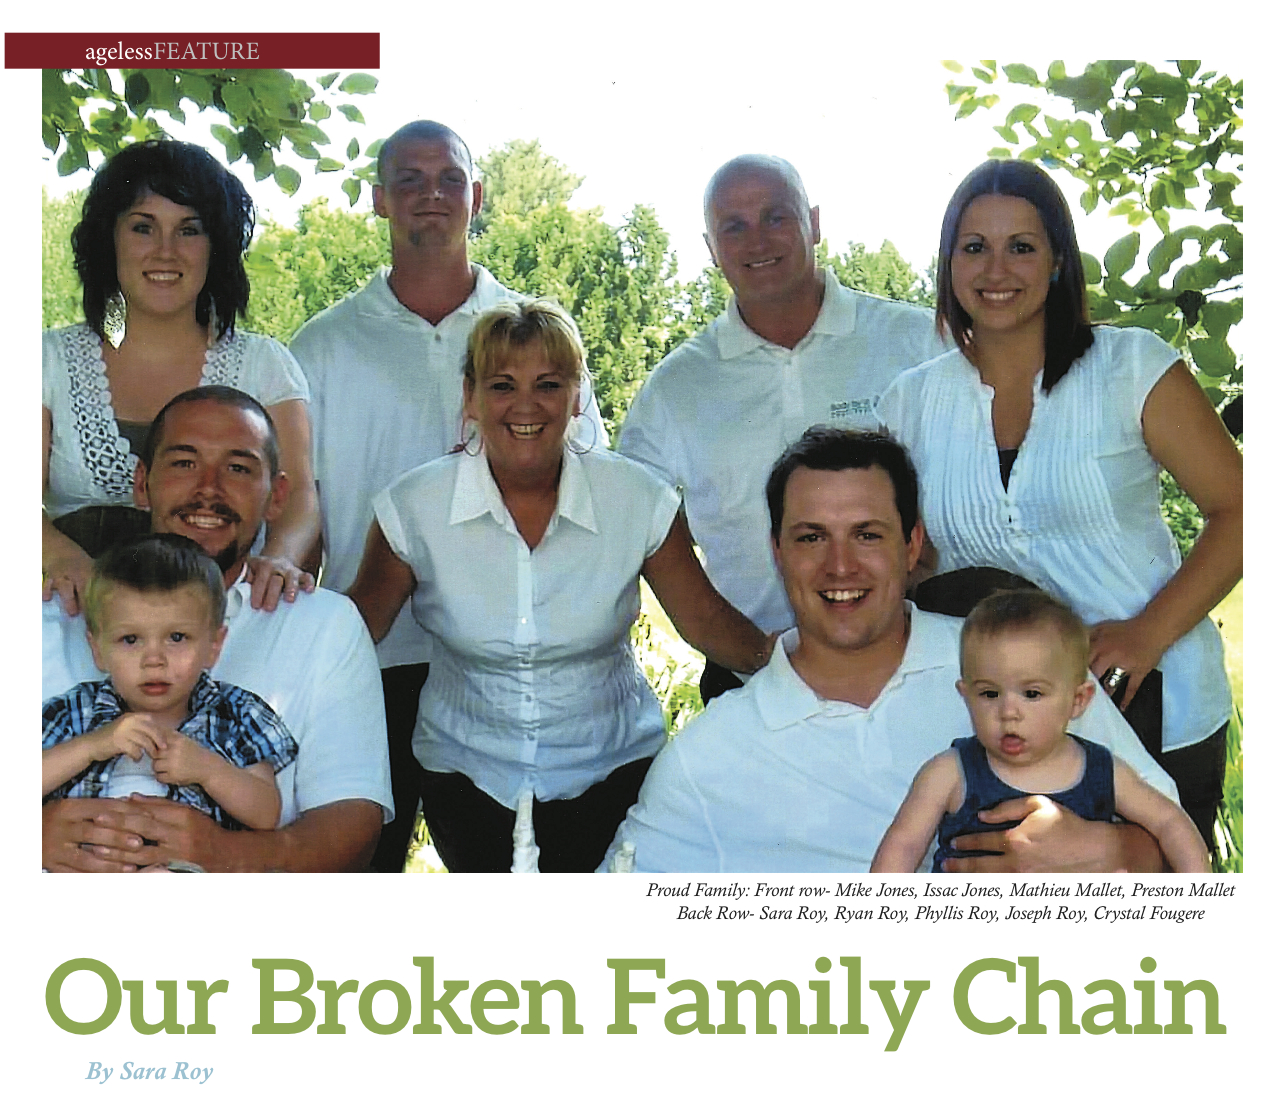 Broken Family Chain